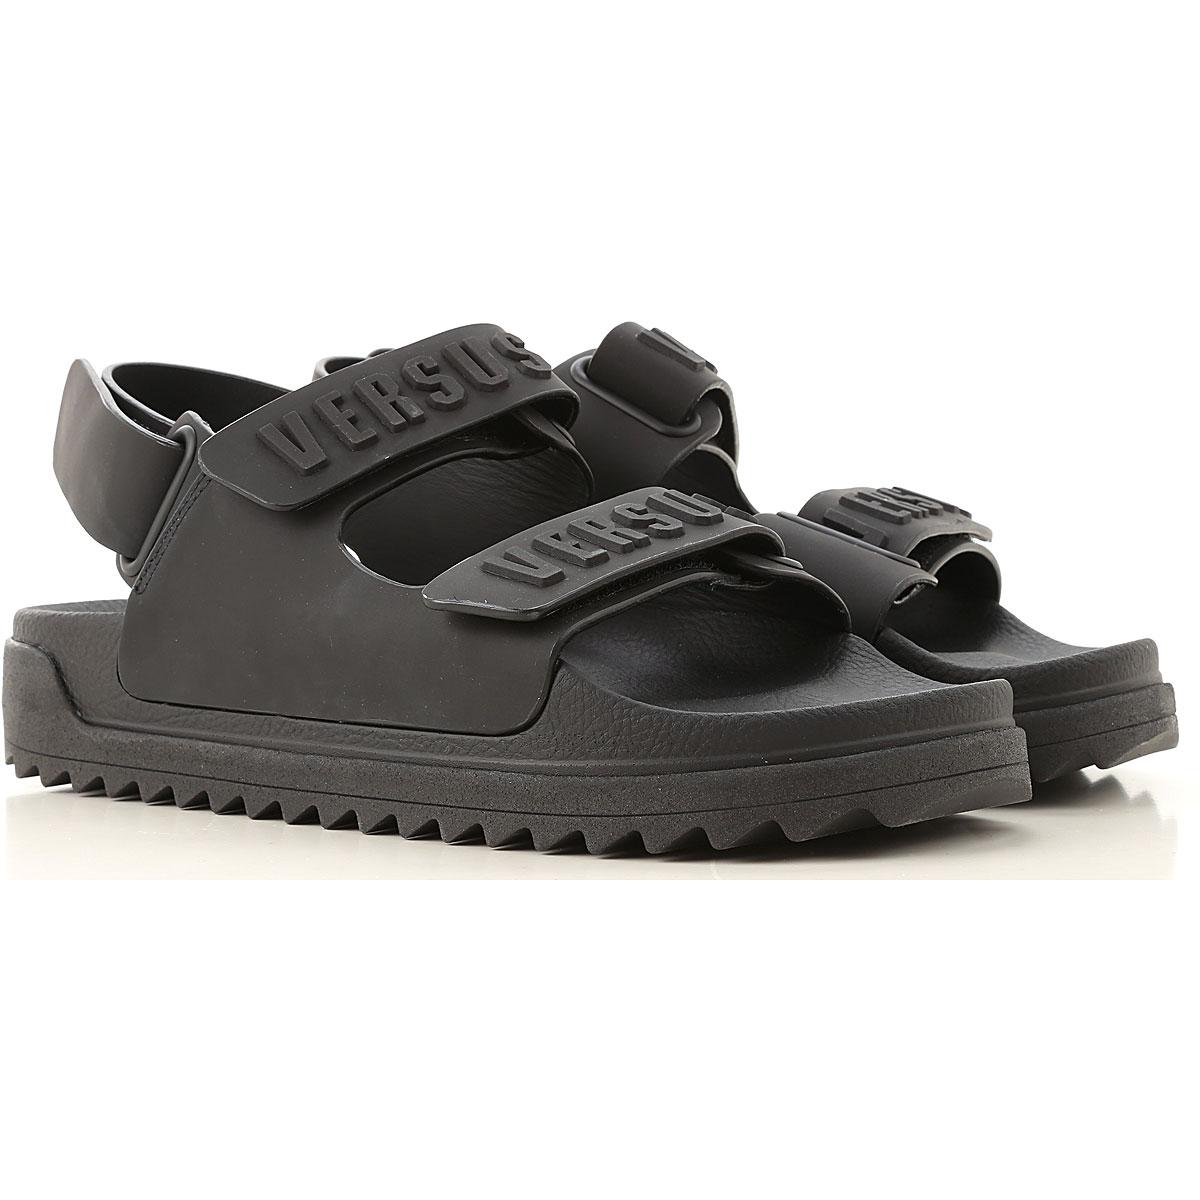 男鞋 Versace 范思哲,貨號:fsx066e-fvgm-f489